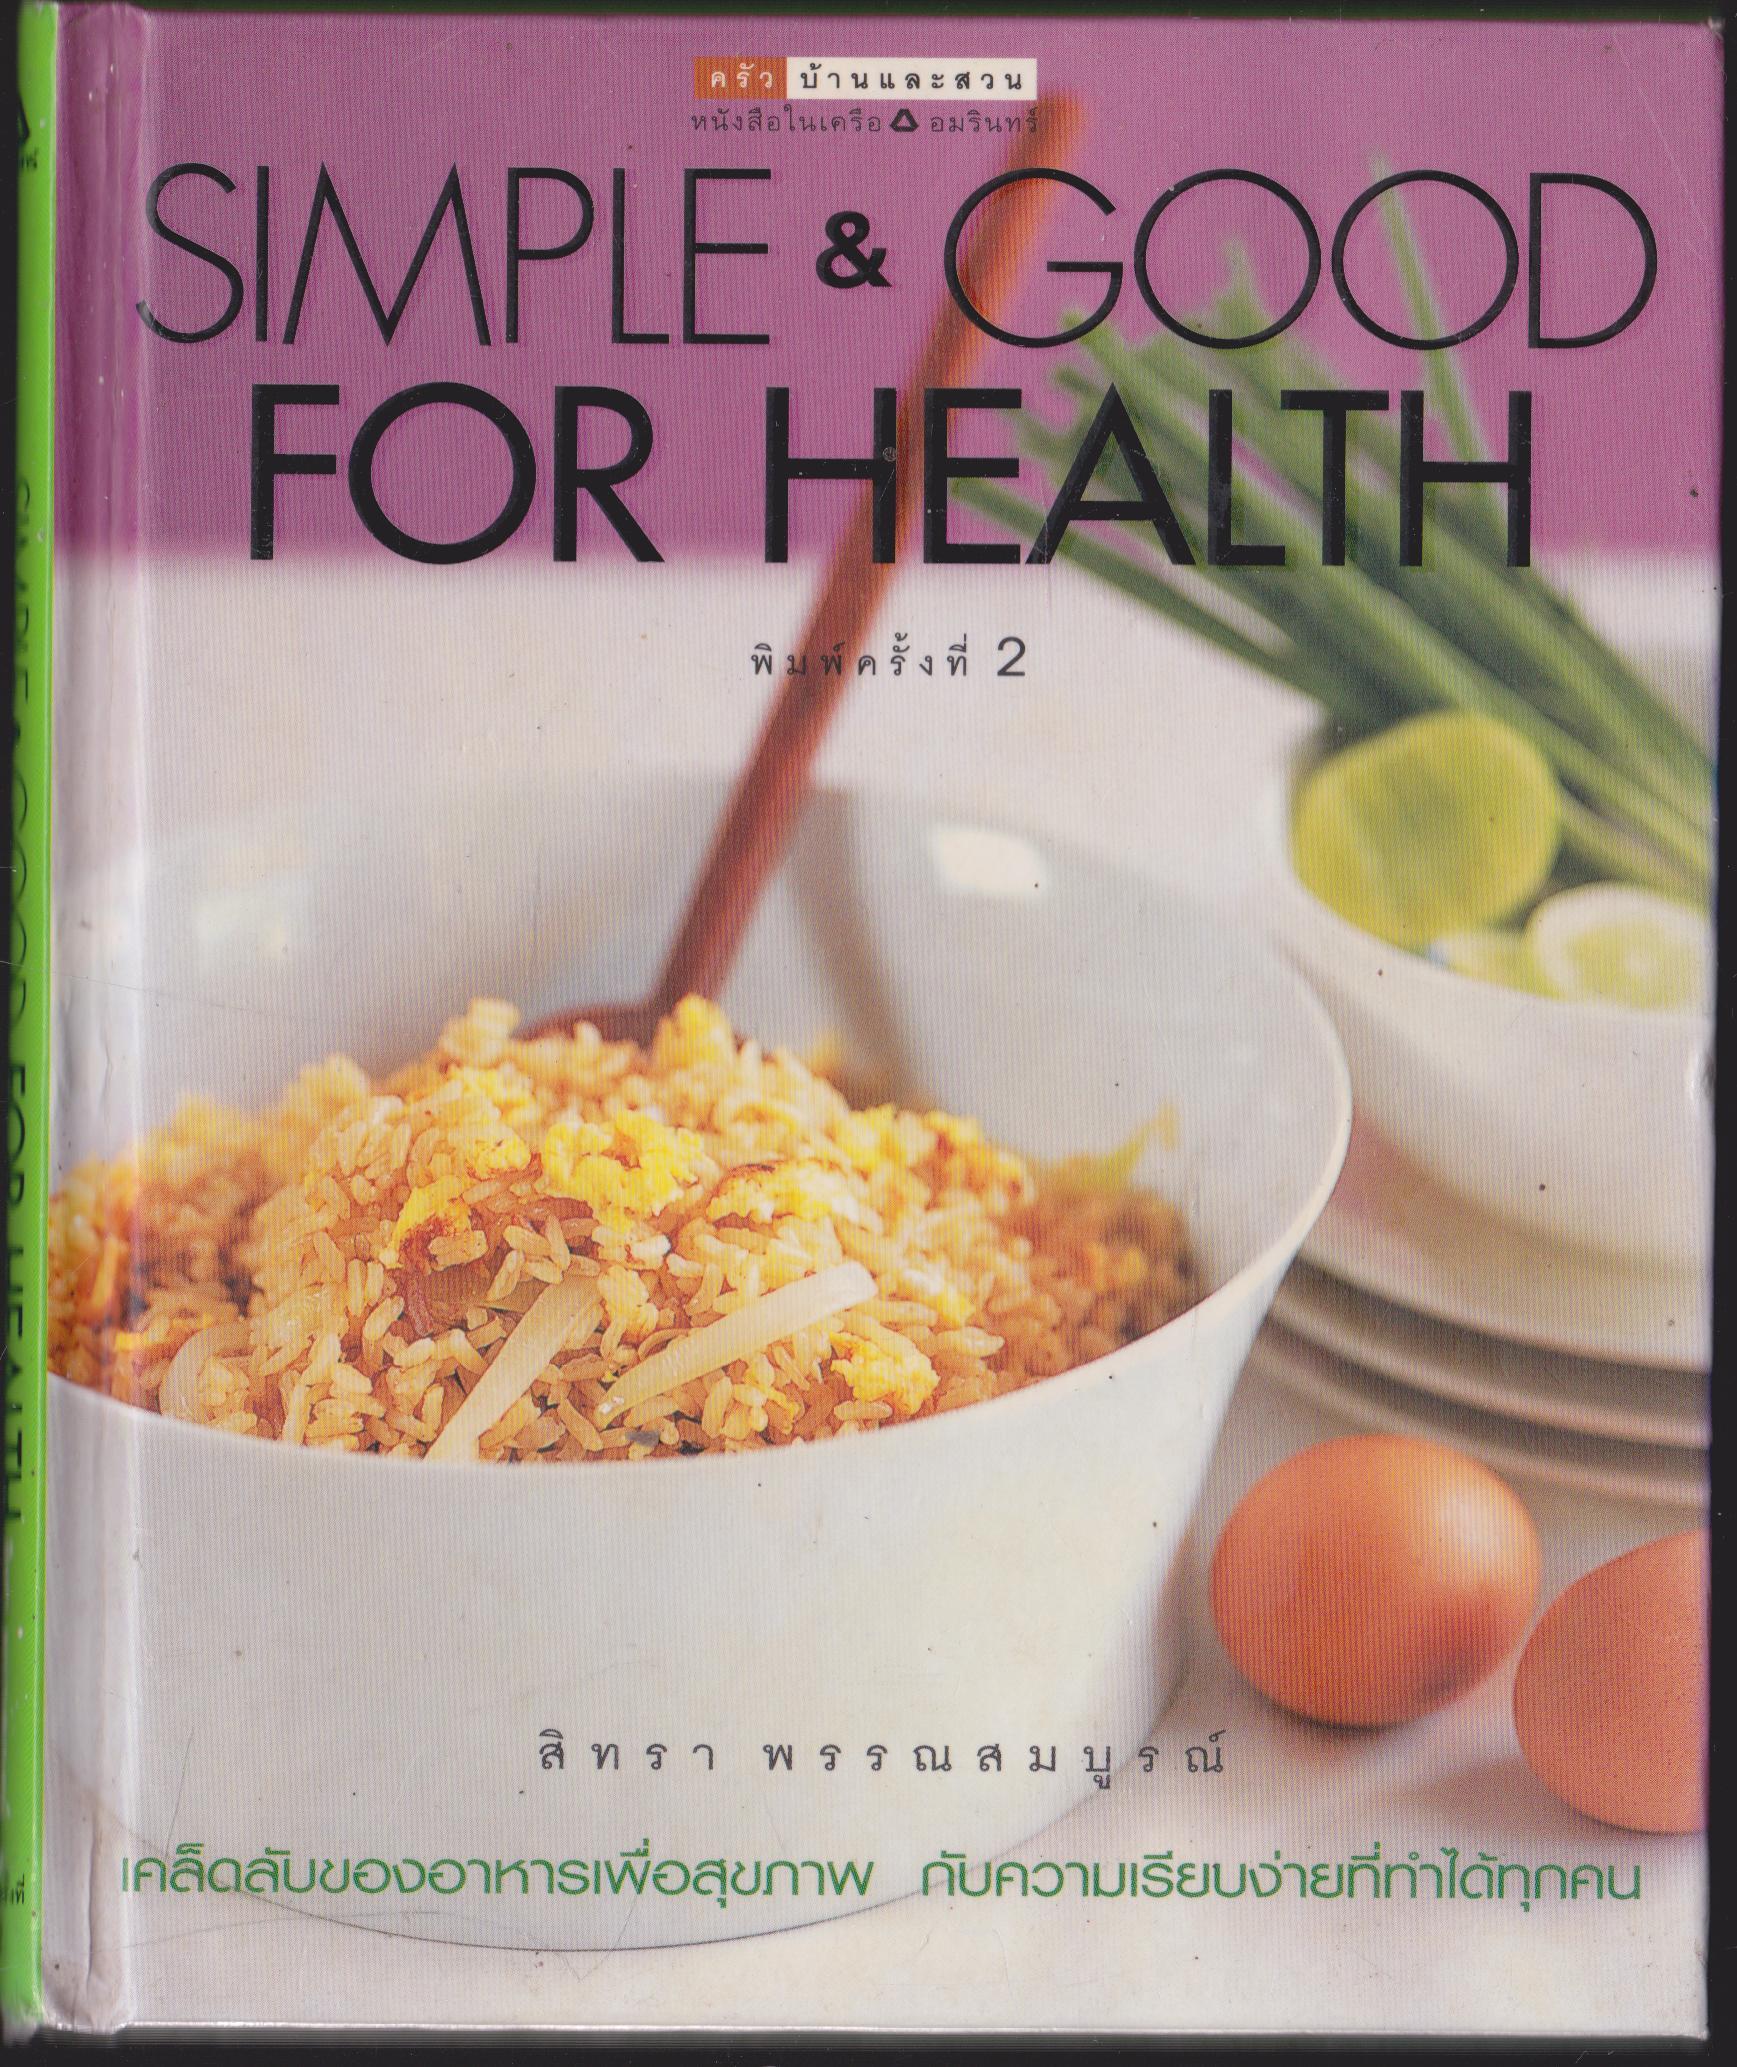 ชุดอาหารการกิน ลำดับที่ 38 SIMPLE & GOOD FOR HEALTH